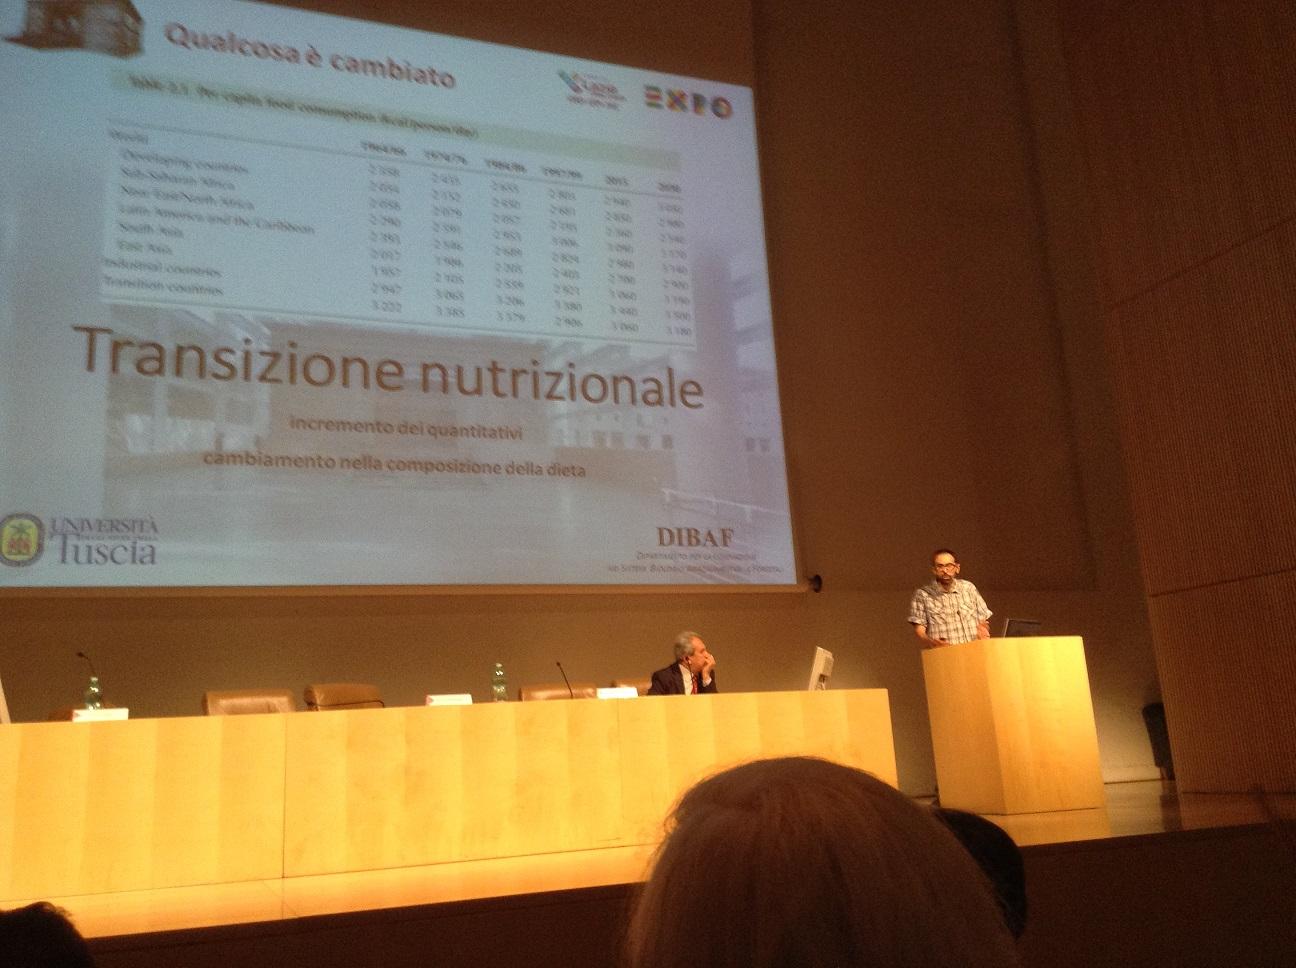 transizione-nutrizionale